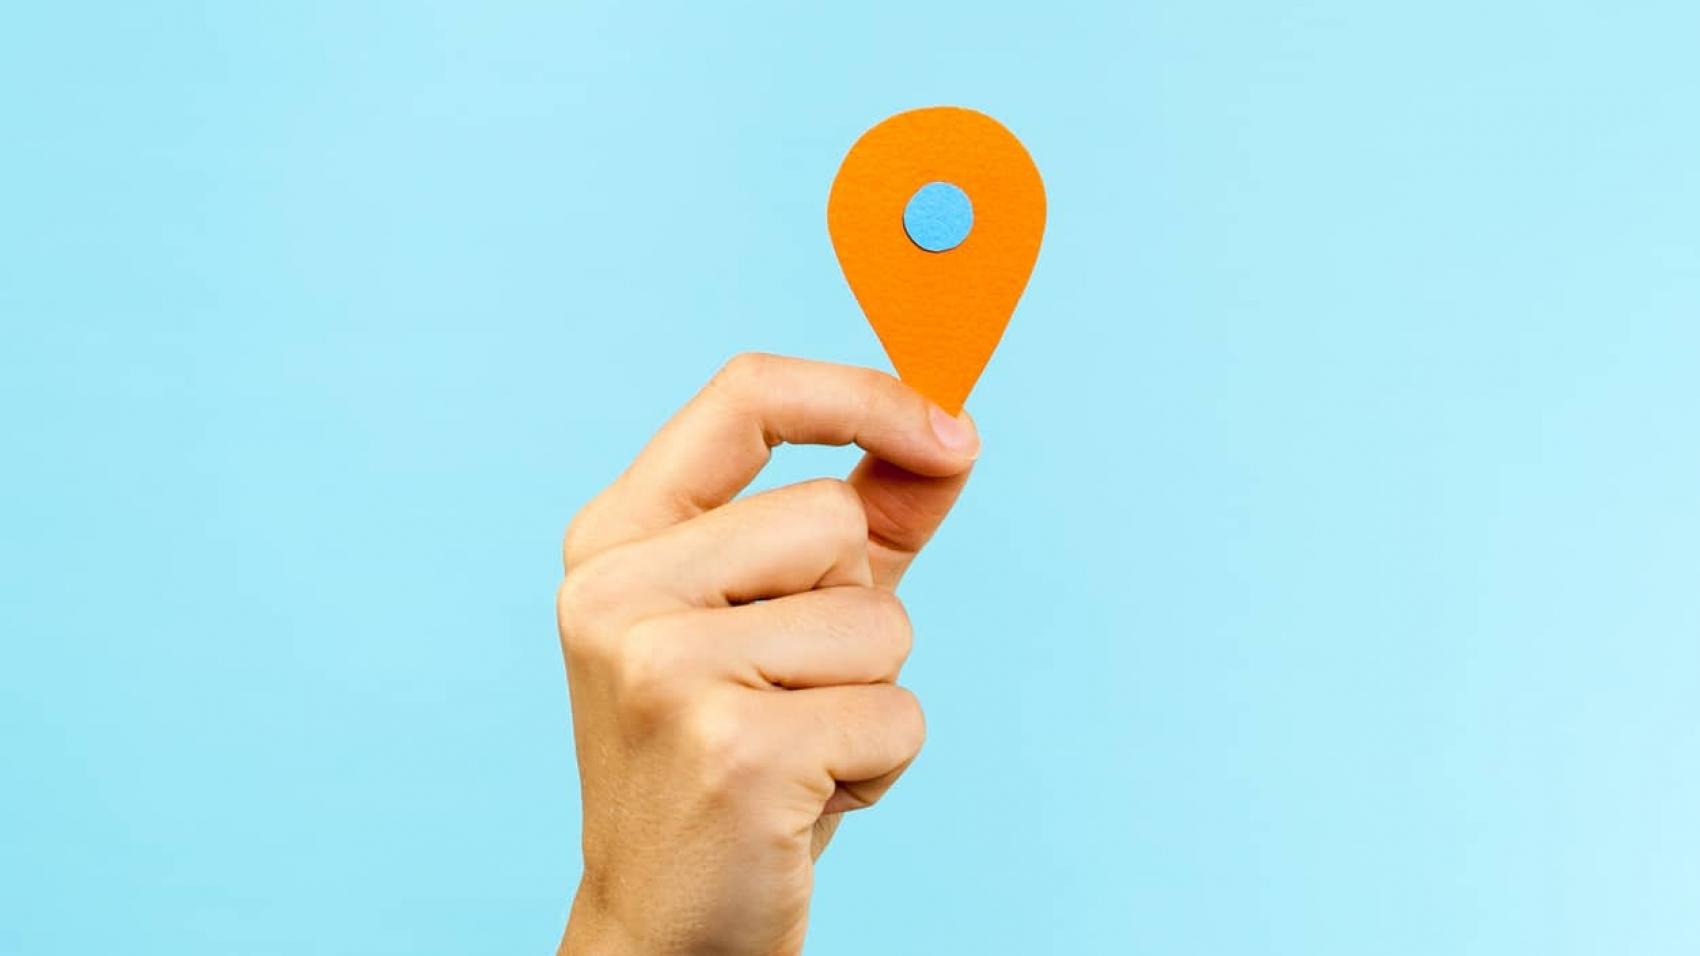 Mão segurando sinal de localização